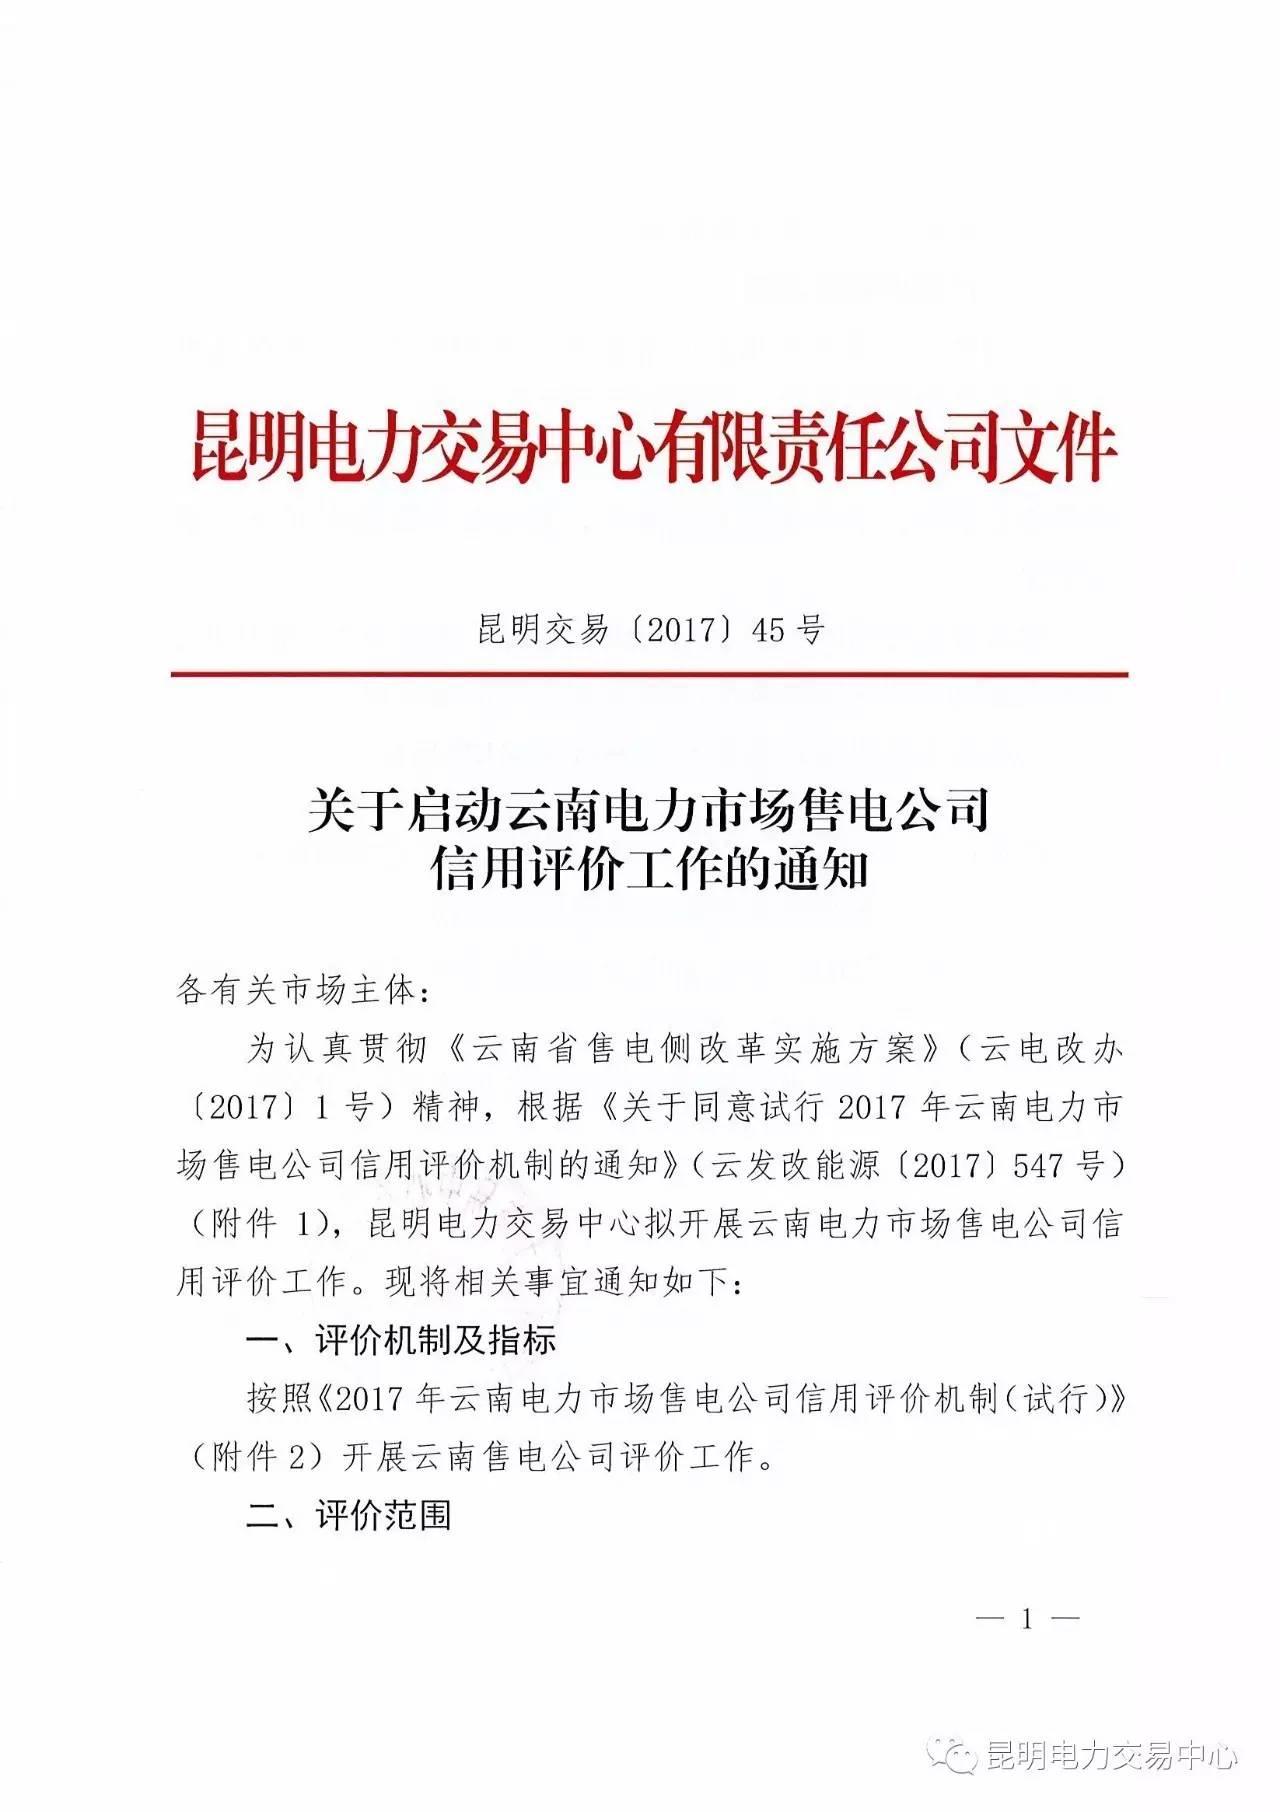 云南放大招:售电公司信用评价等级为D将被强制退出售电市场